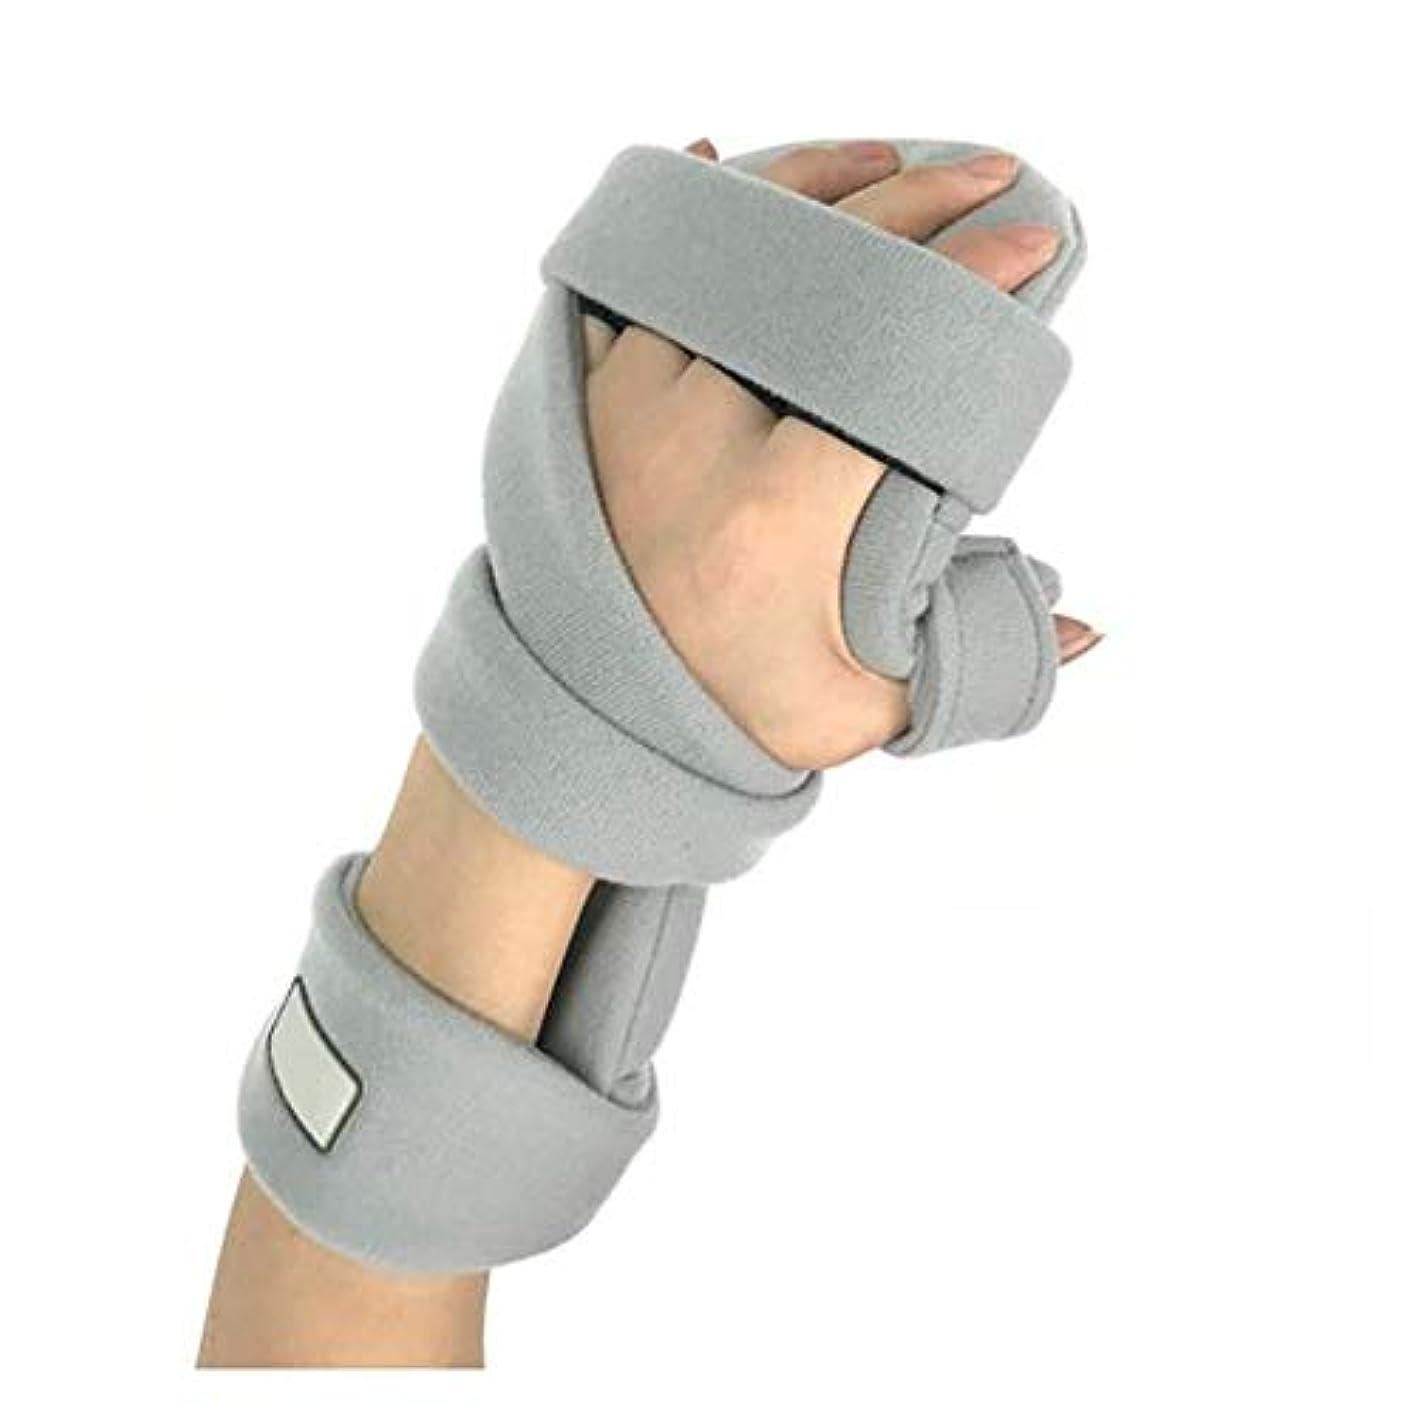 四内訳ストレス手骨折ナイトレストスプリント、痛み腱炎骨折脱臼のための調節可能な手首ブレース指板,Righthand2pcs